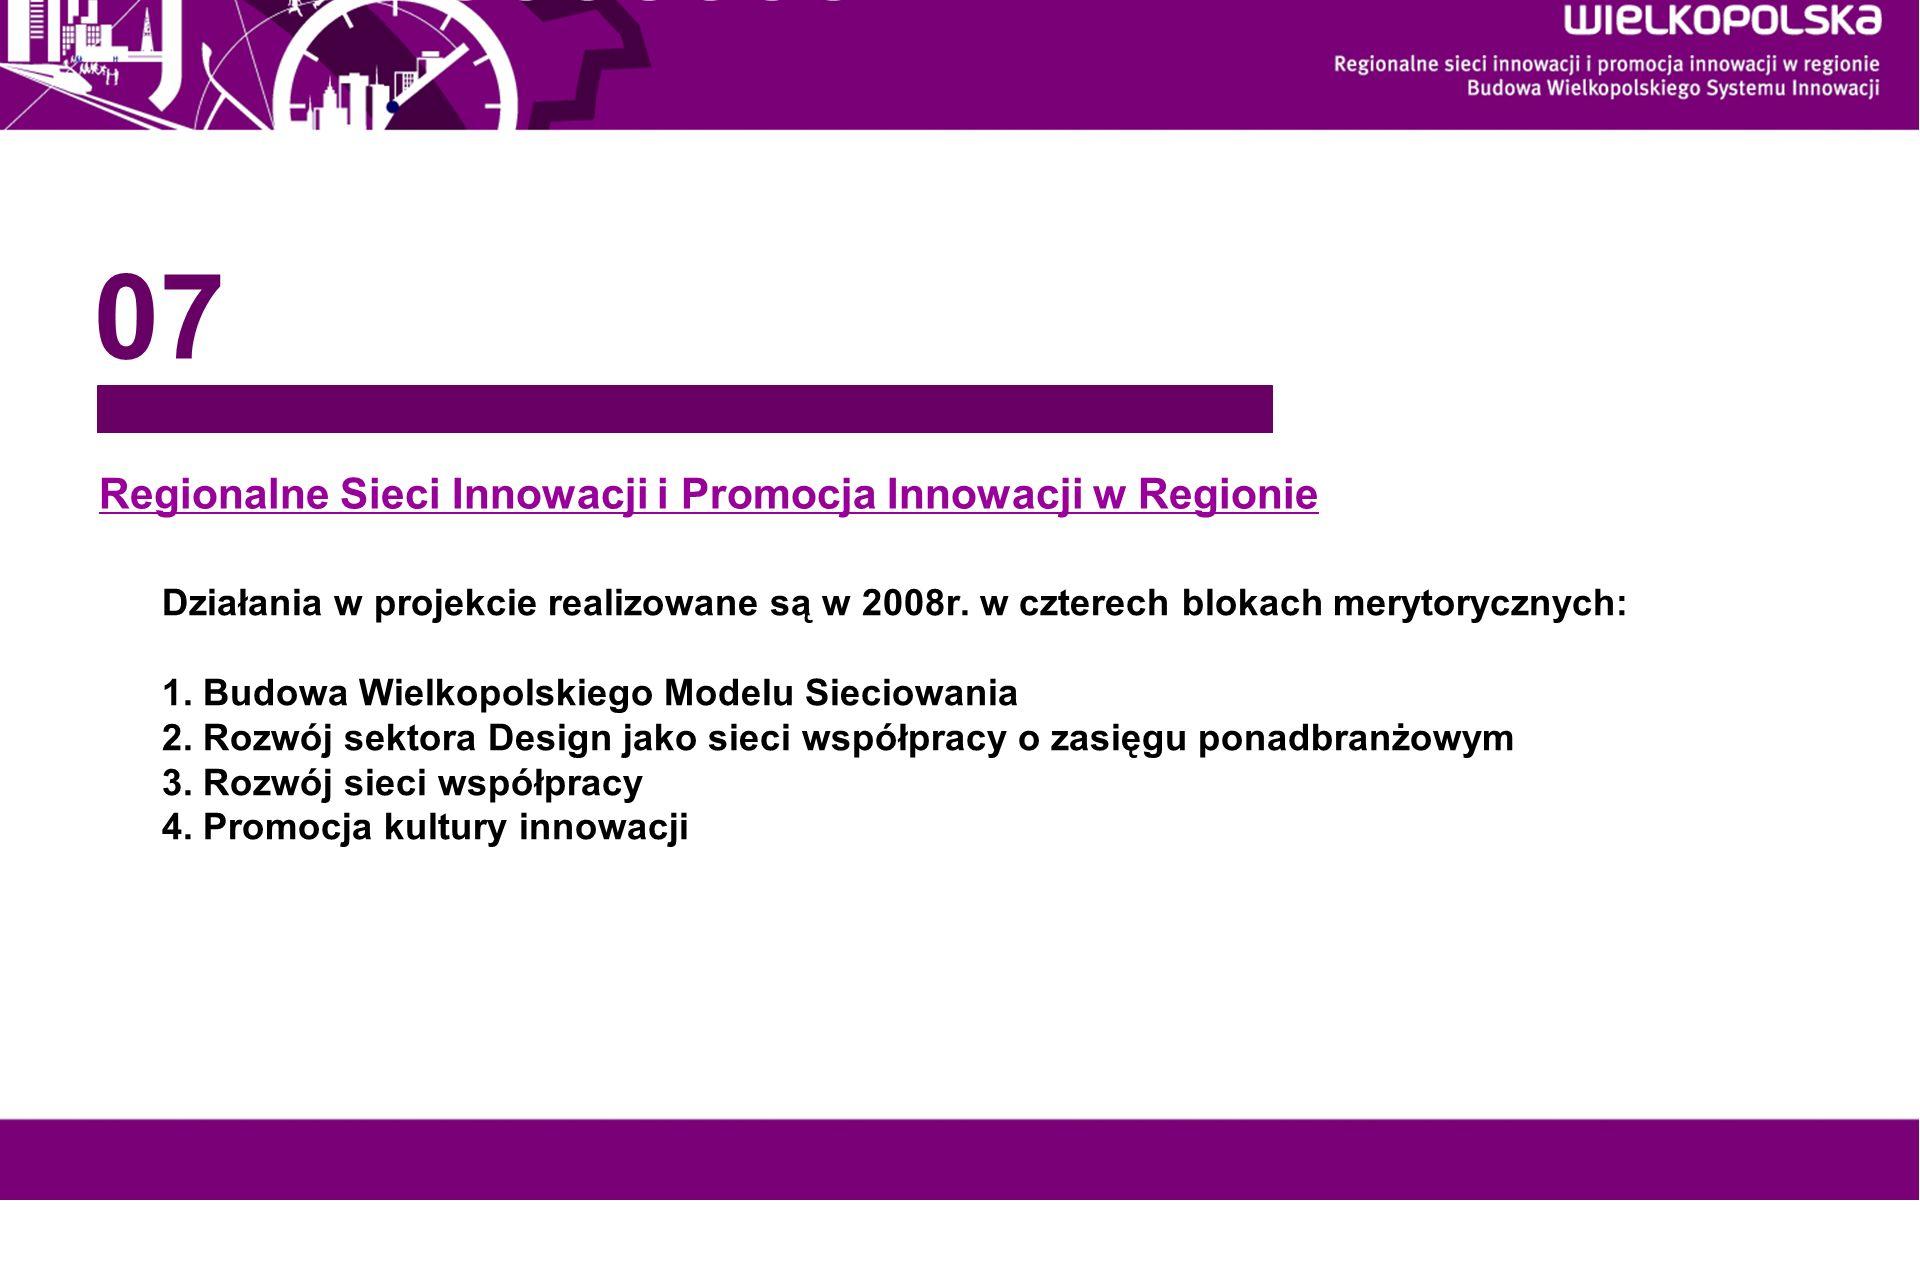 www.innowacyjna-wielkopolska.pl Współpraca Samorząd Województwa Wielkopolskiego realizując poszczególne zadania współpracuje z organizacjami oraz ekspertami posiadającymi wieloletnie doświadczenie w obszarze wspierania innowacji zarówno w kraju, jak i za granicą 08